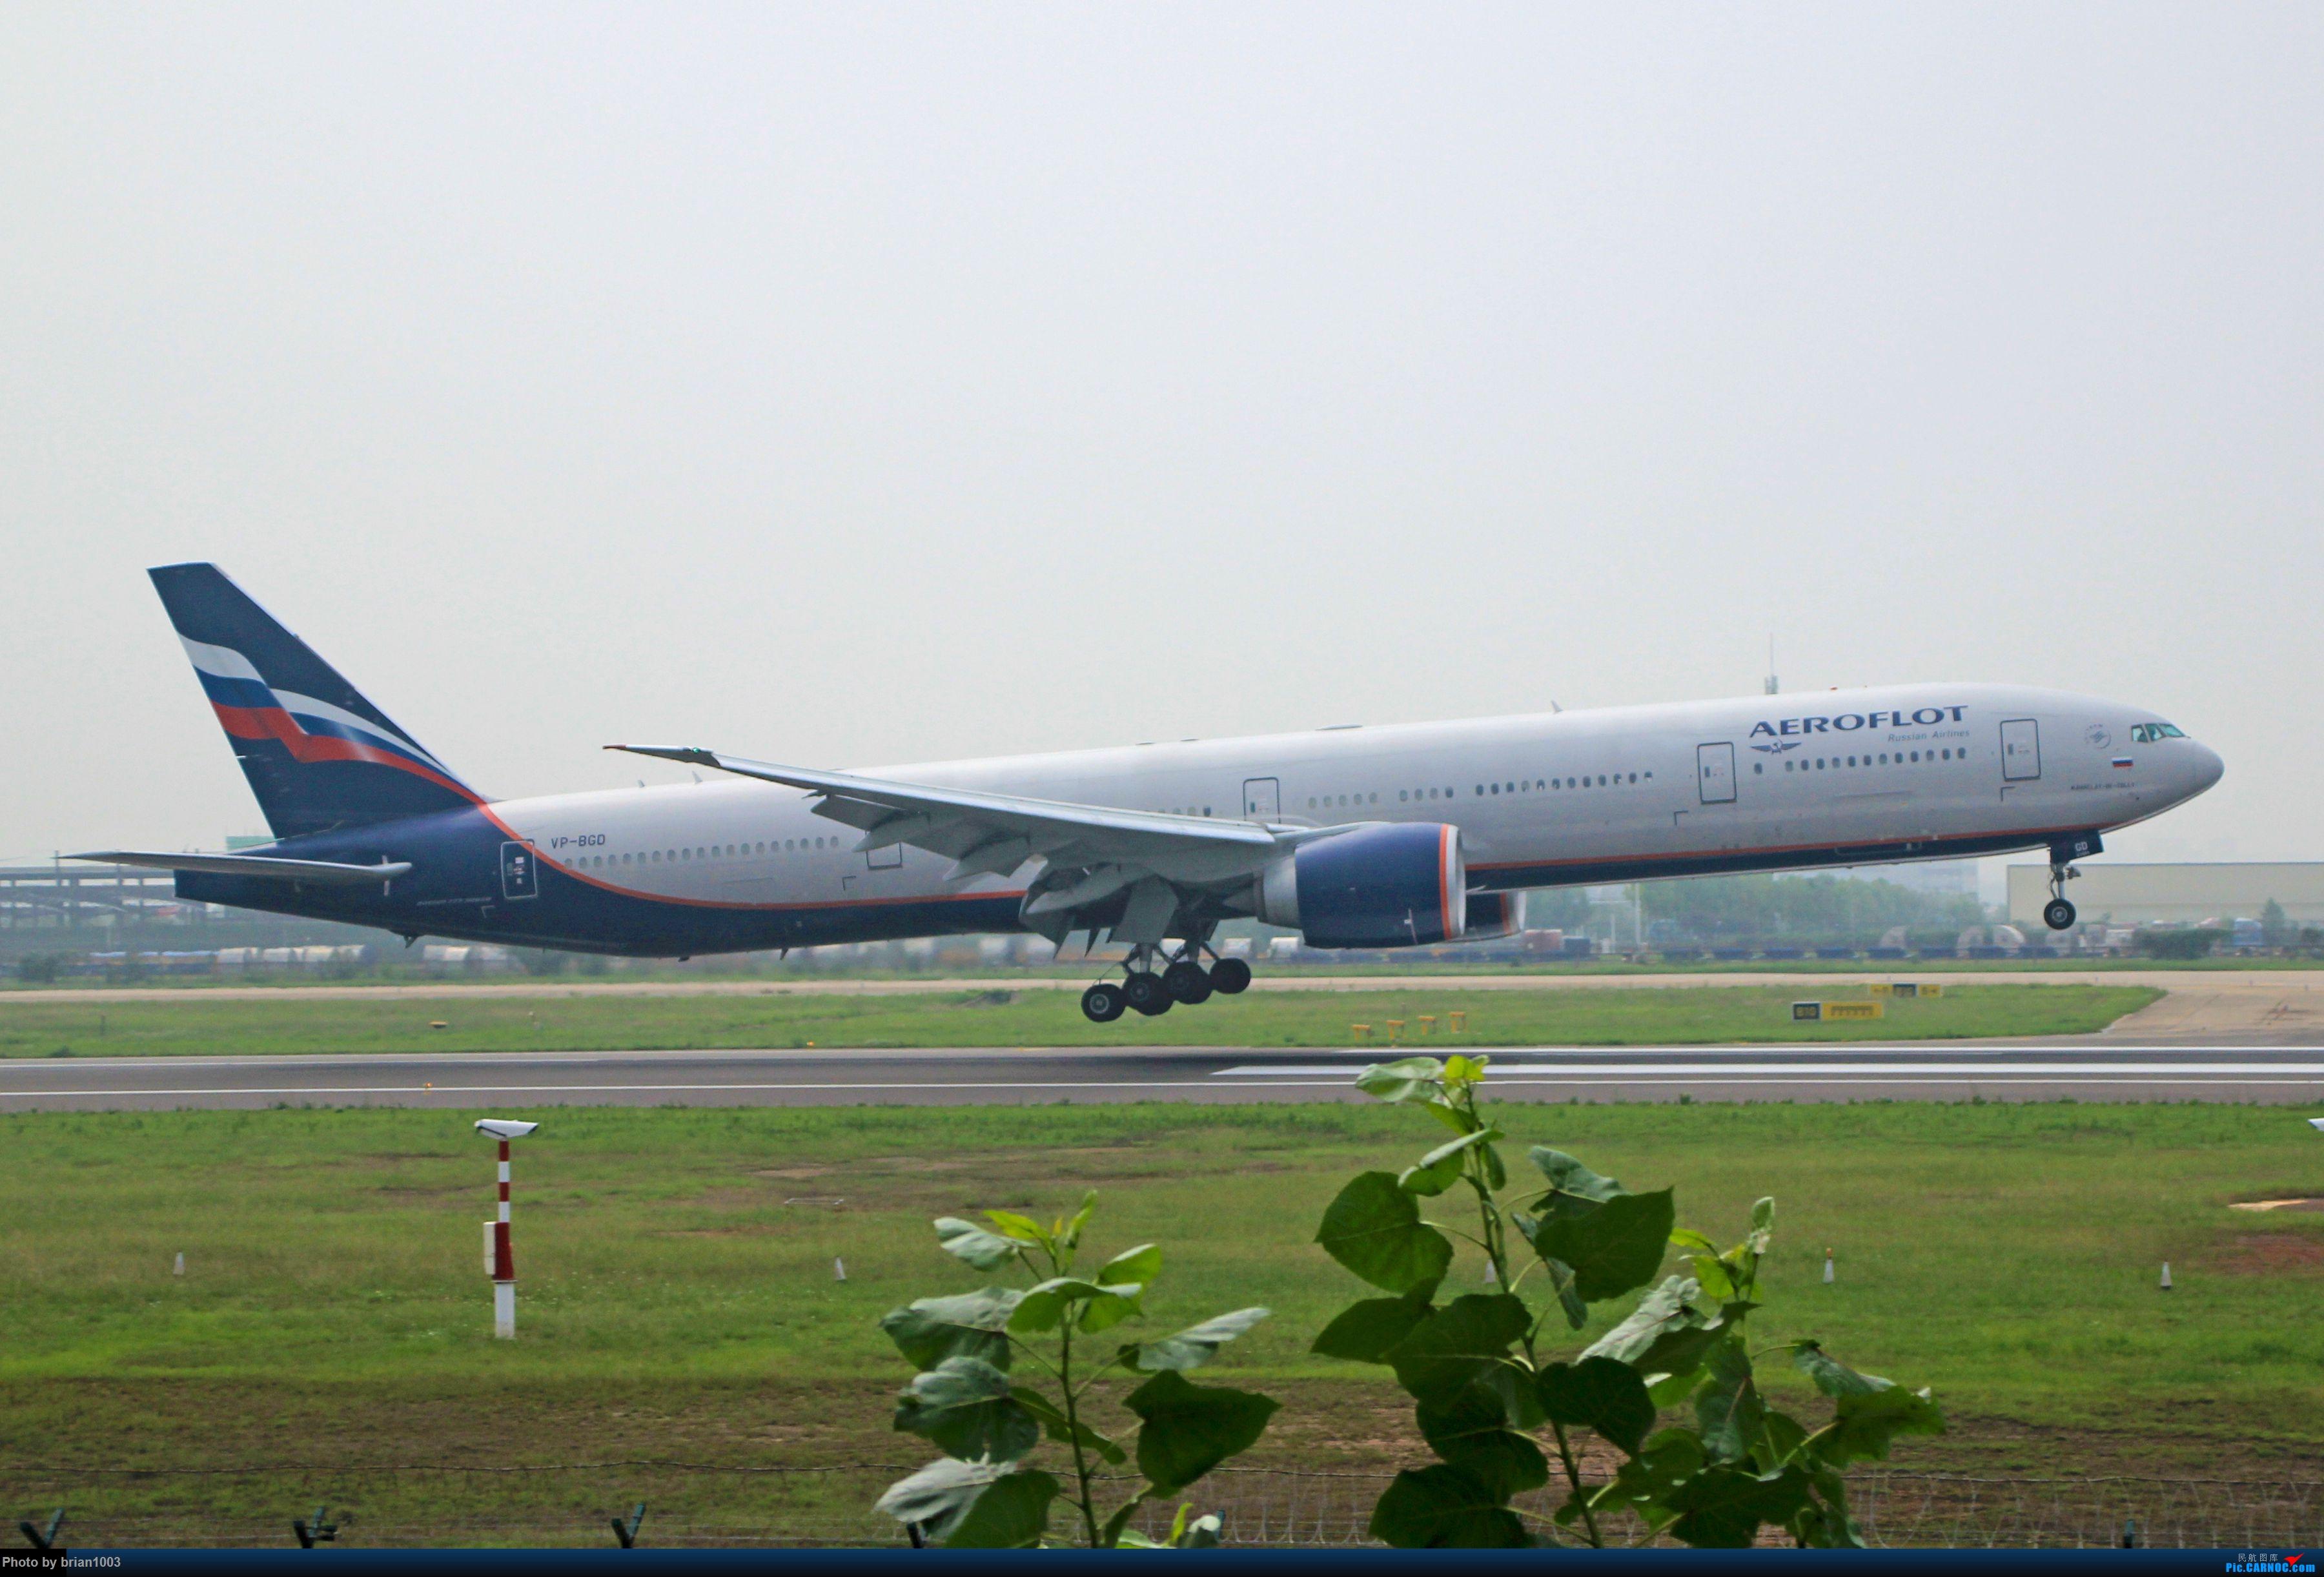 Re:[原创]WUH天河机场拍机之六月还有啥(X7家744F、天津大韩港龙333、巴基斯坦772、B6419、ER-BBJ 74F、某菊塞斯纳) BOEING 777-300ER VP-BGD 中国武汉天河国际机场